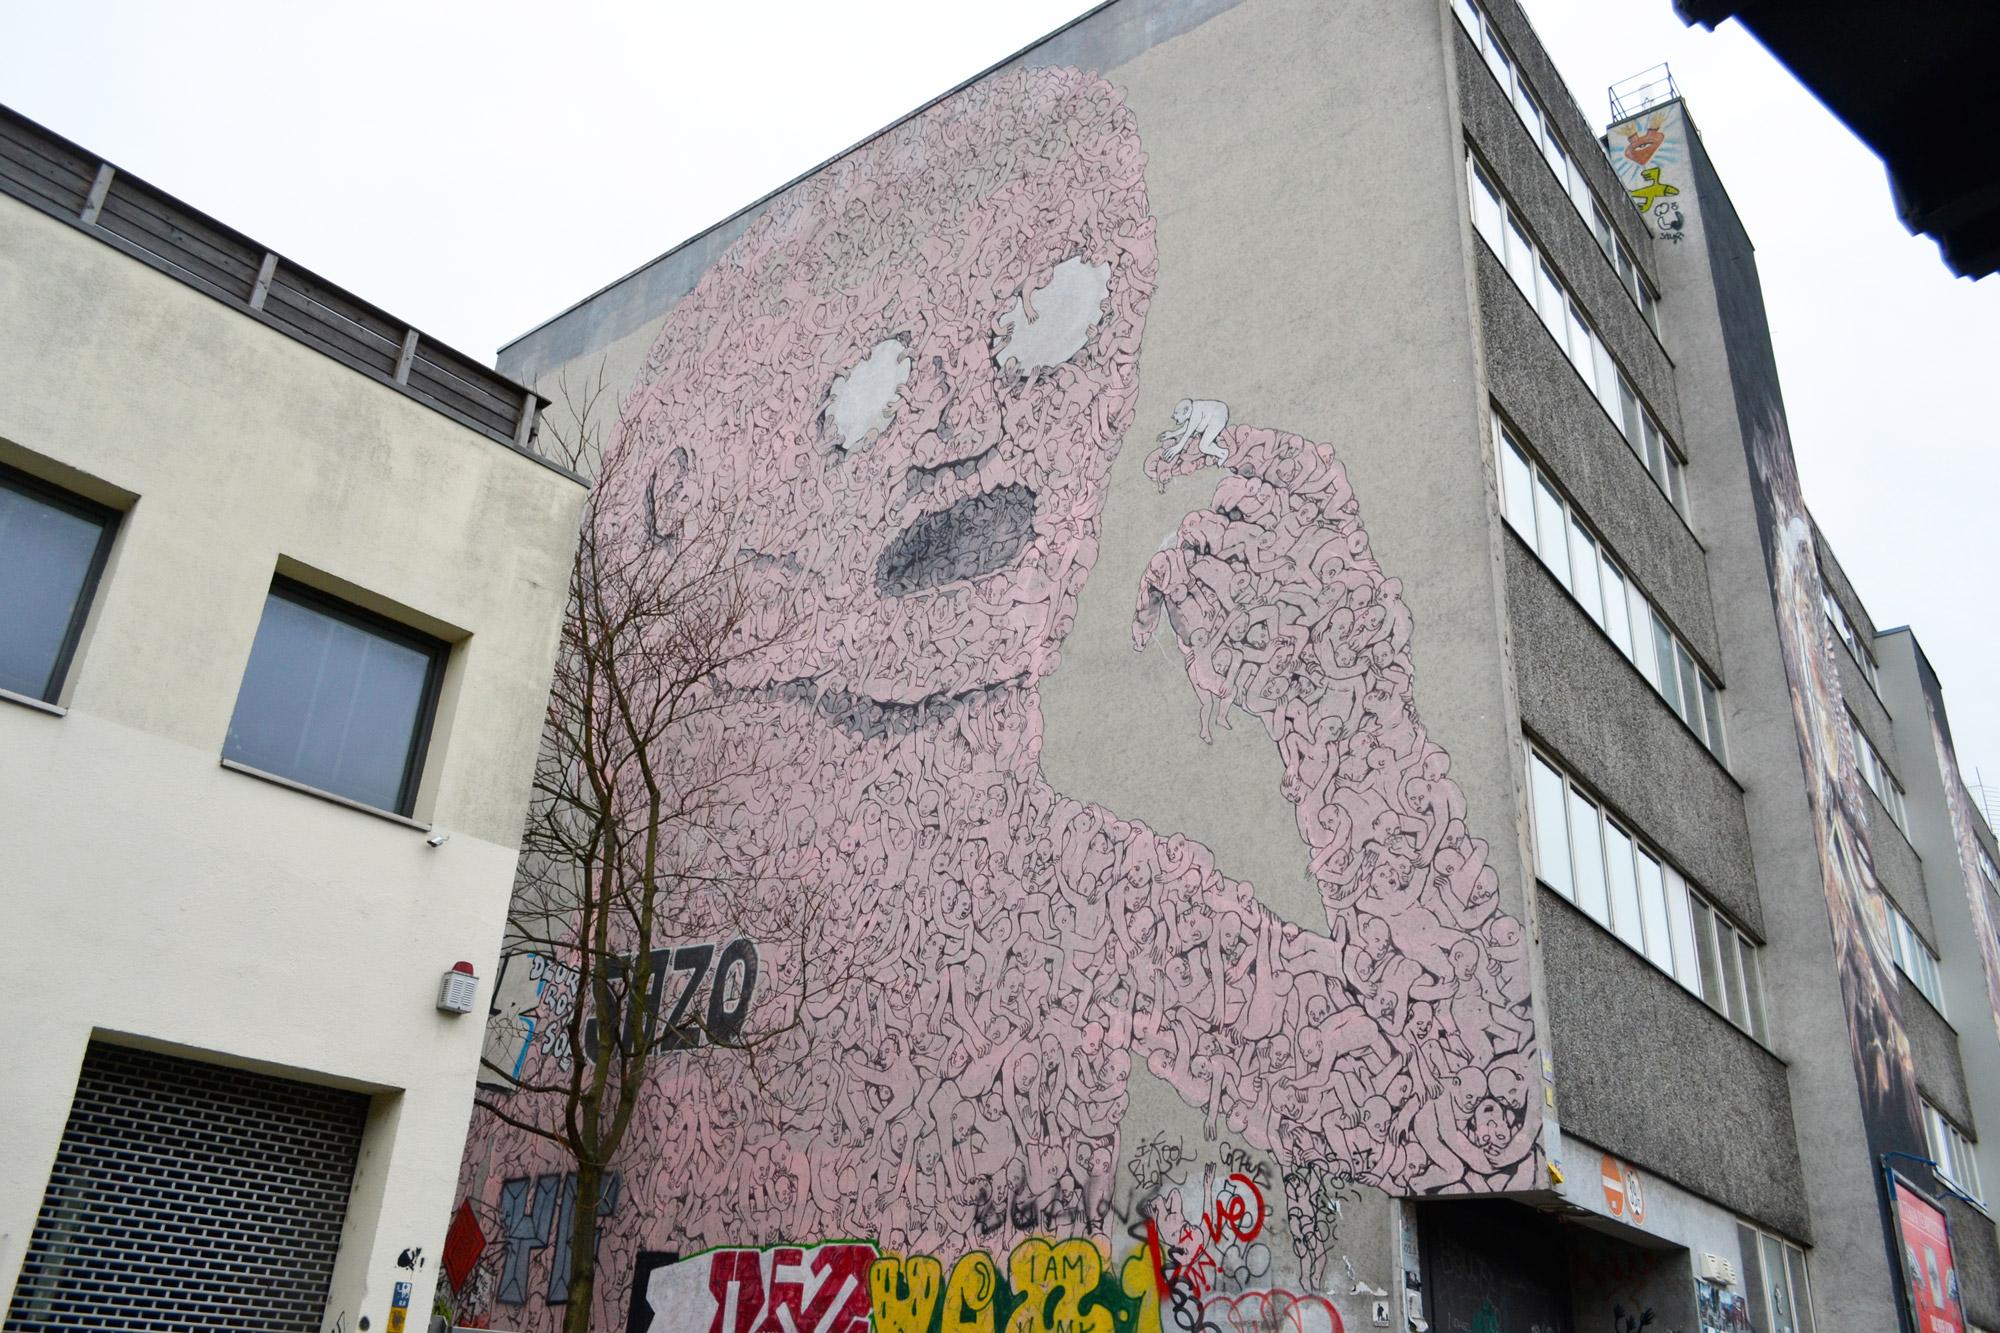 urbanbacklog-berlin-blu-pink-man-1.jpg